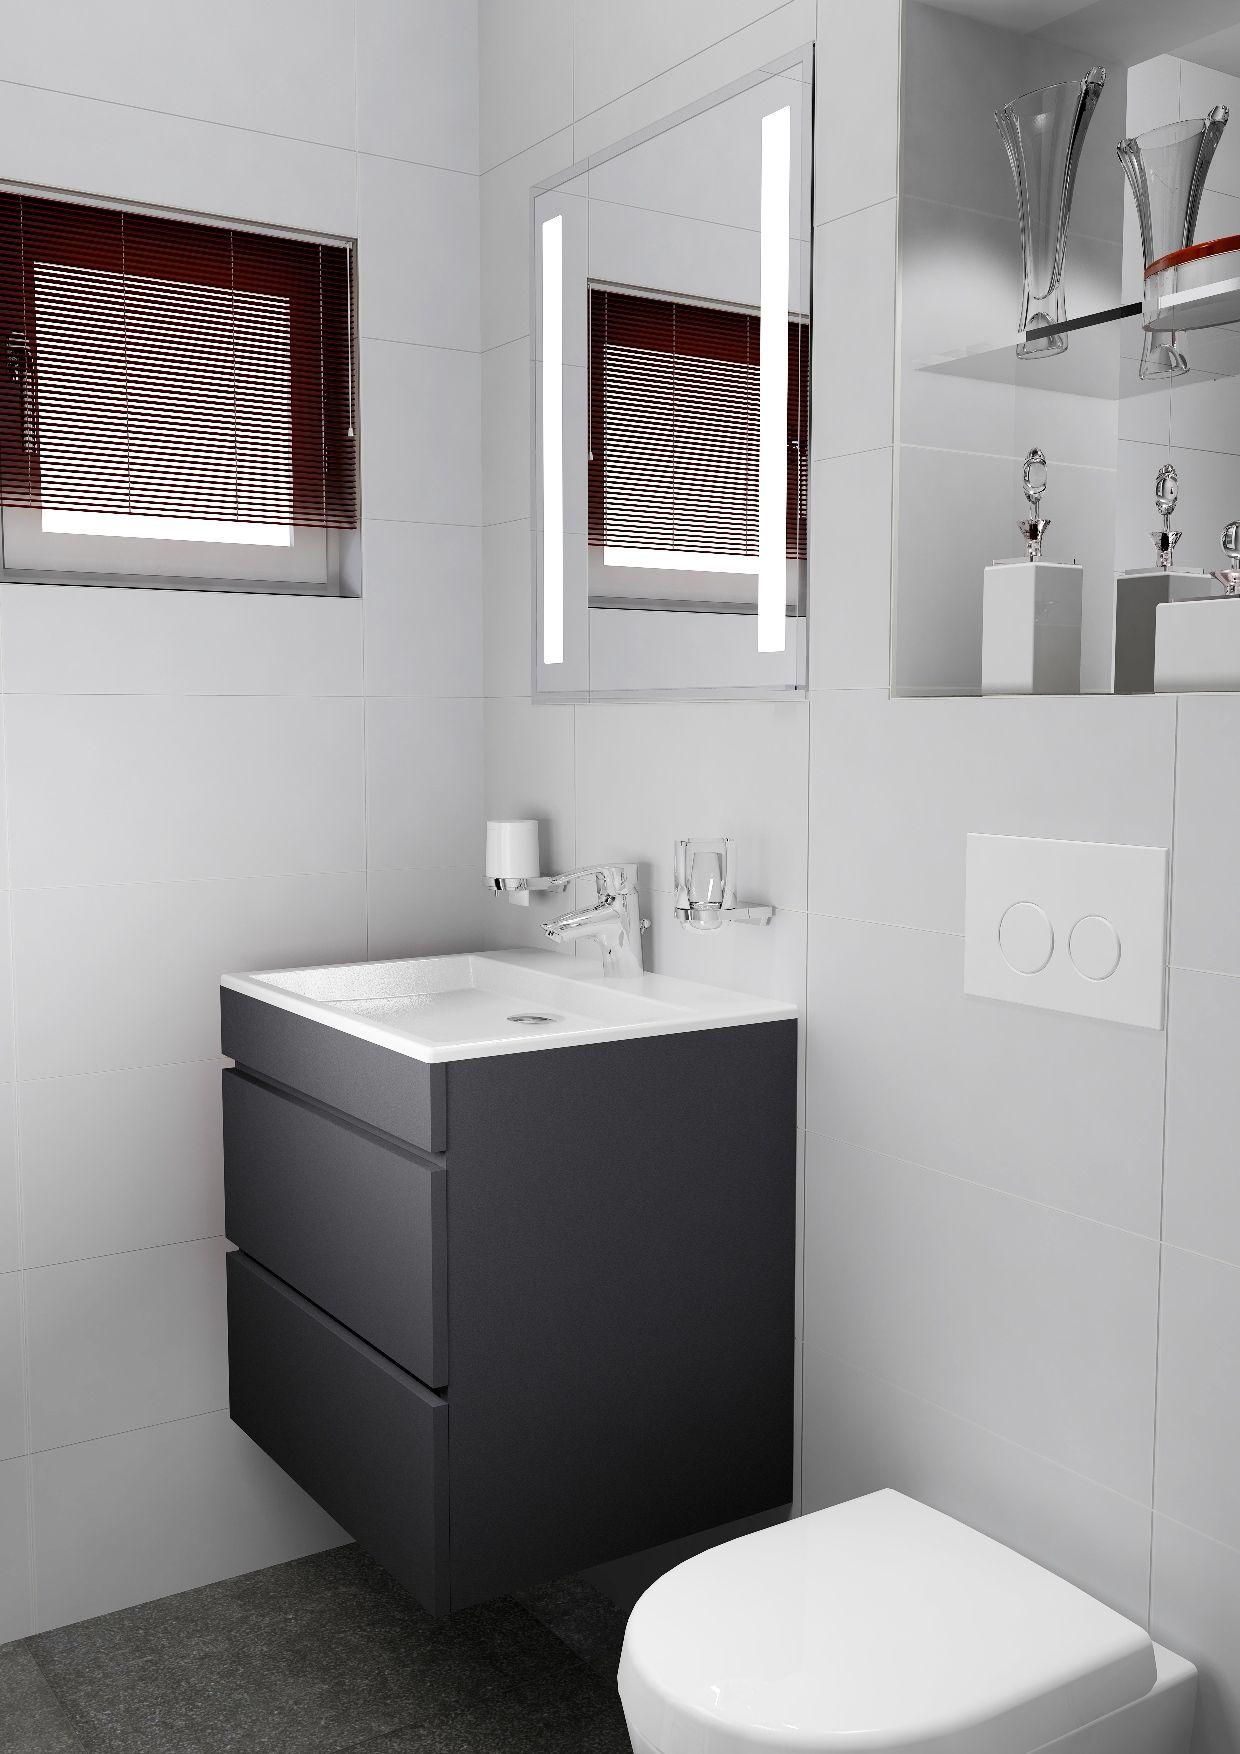 Kleine badkamer met wastafelmeubel en naast het inbouwreservoir ...